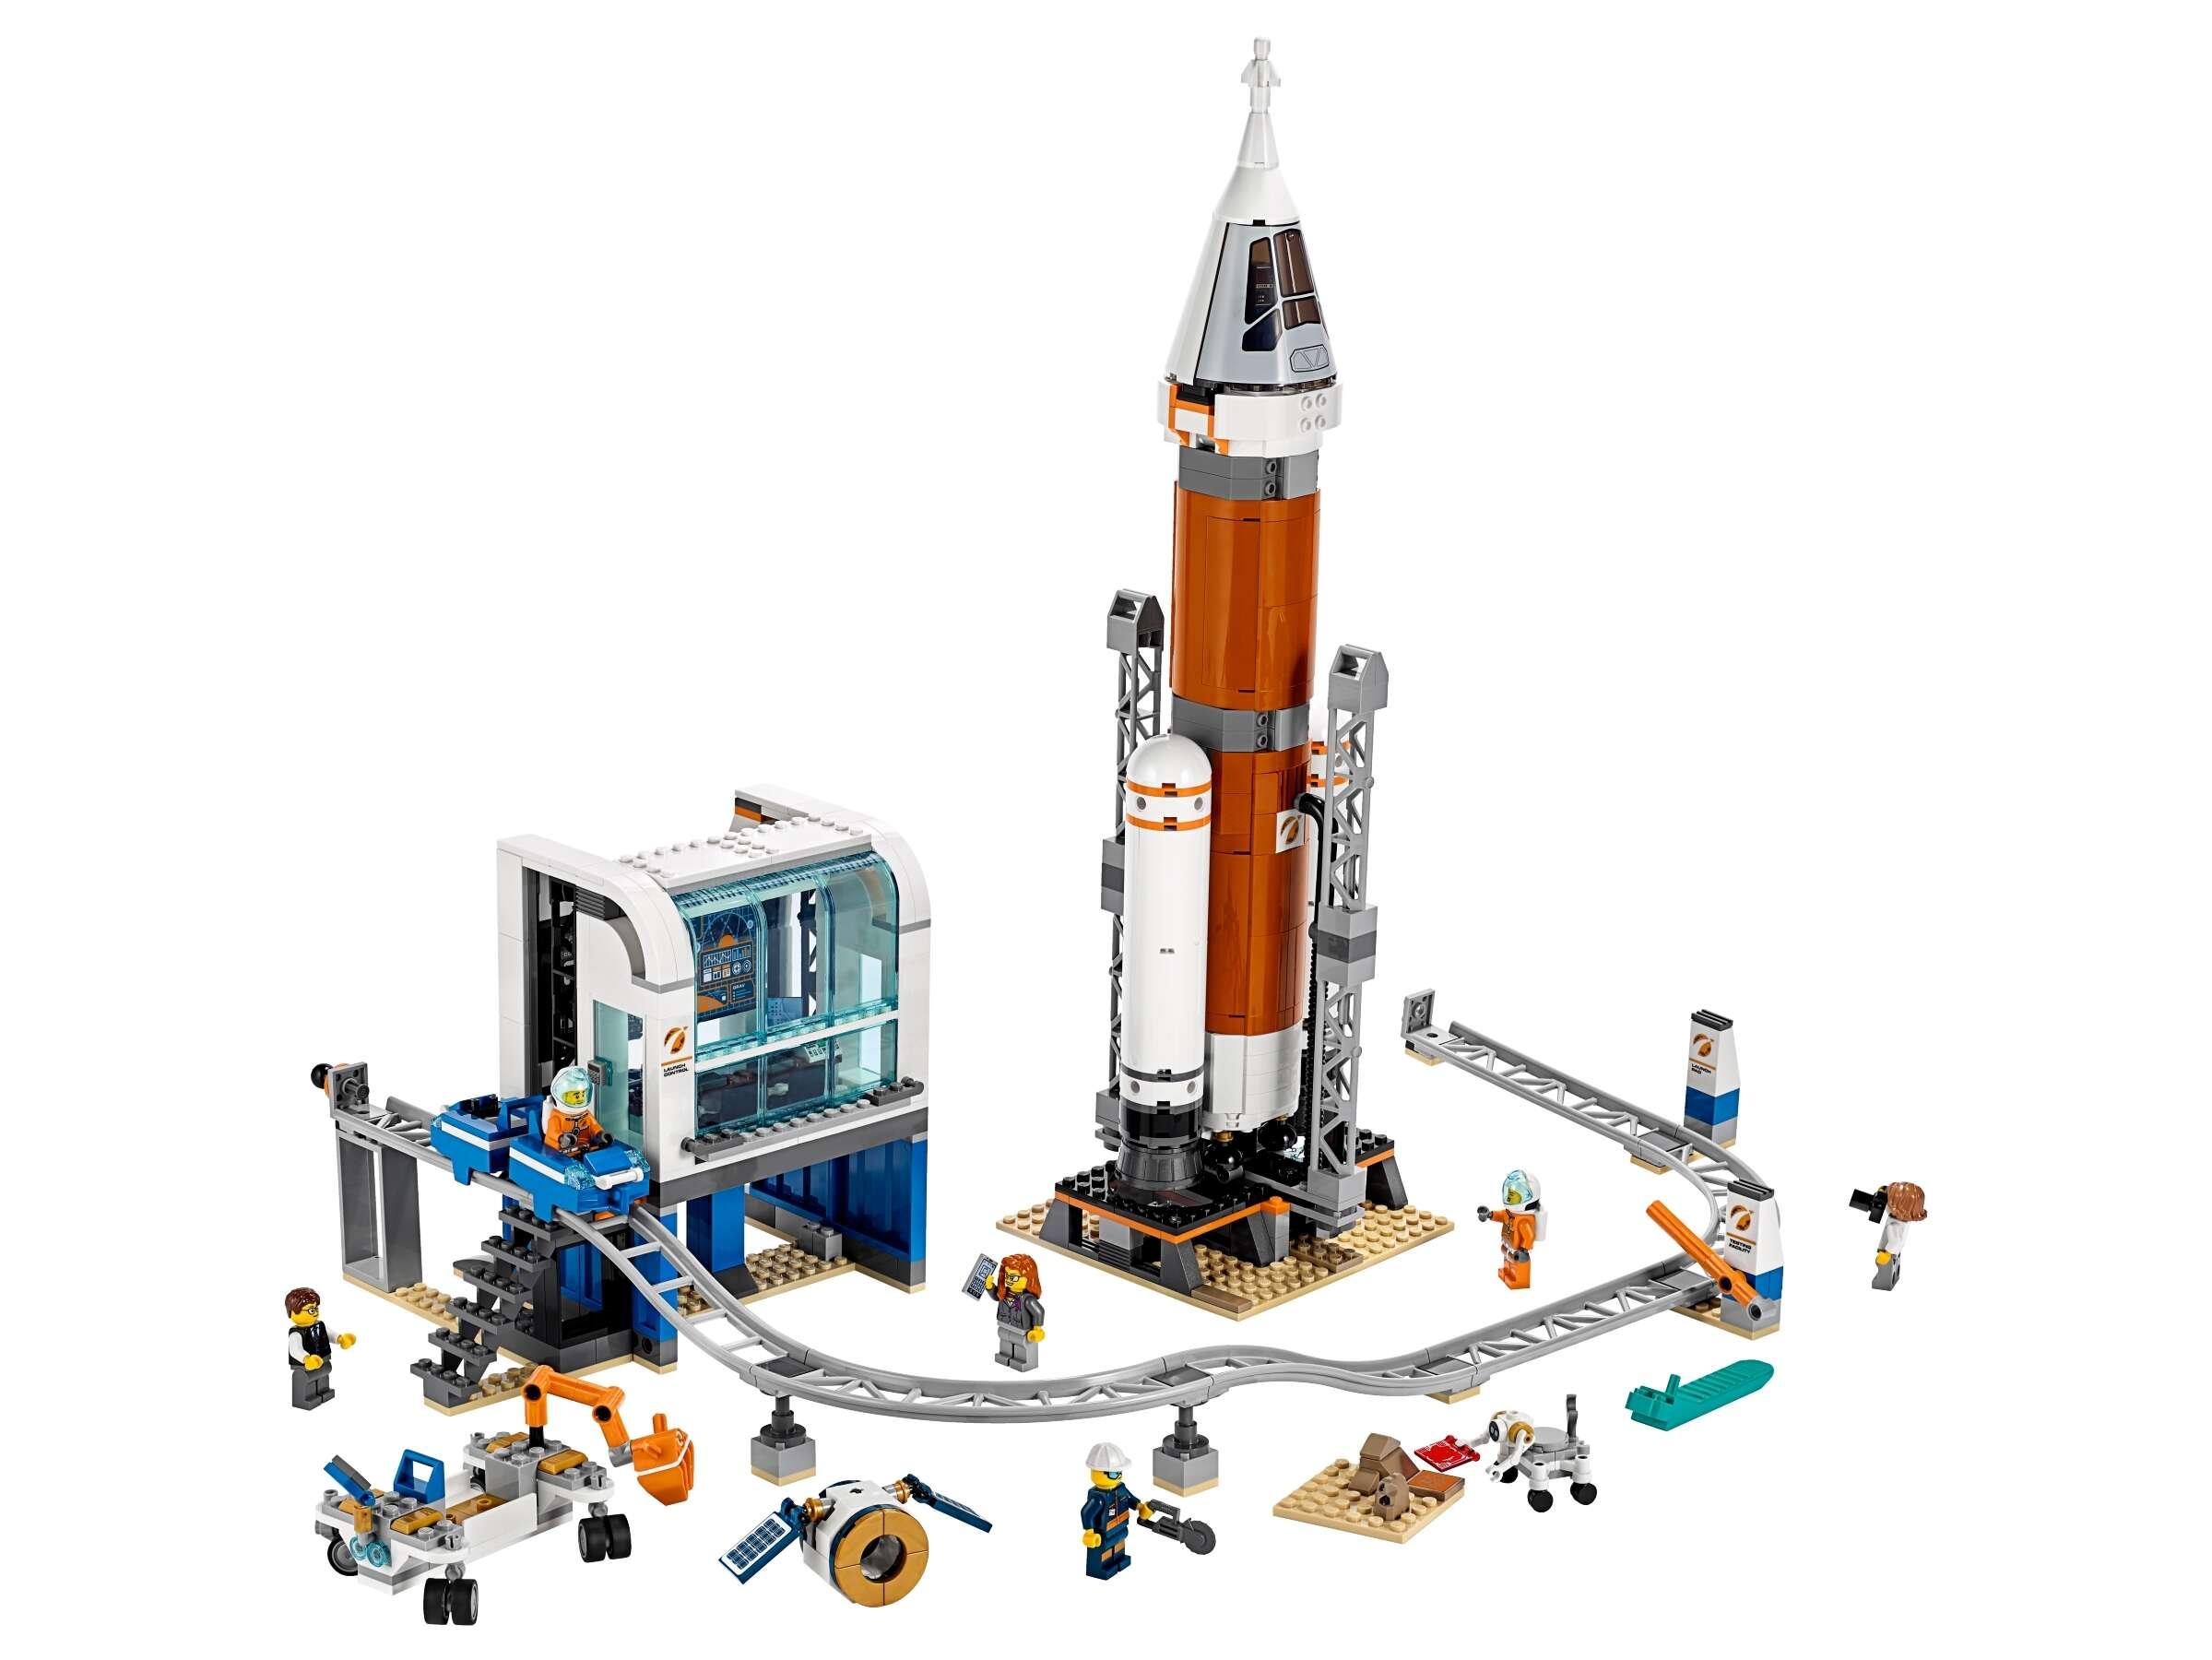 LEGO 60228 City Weltraumrakete mit Kontrollzentrum, Expedition zum Mars Set